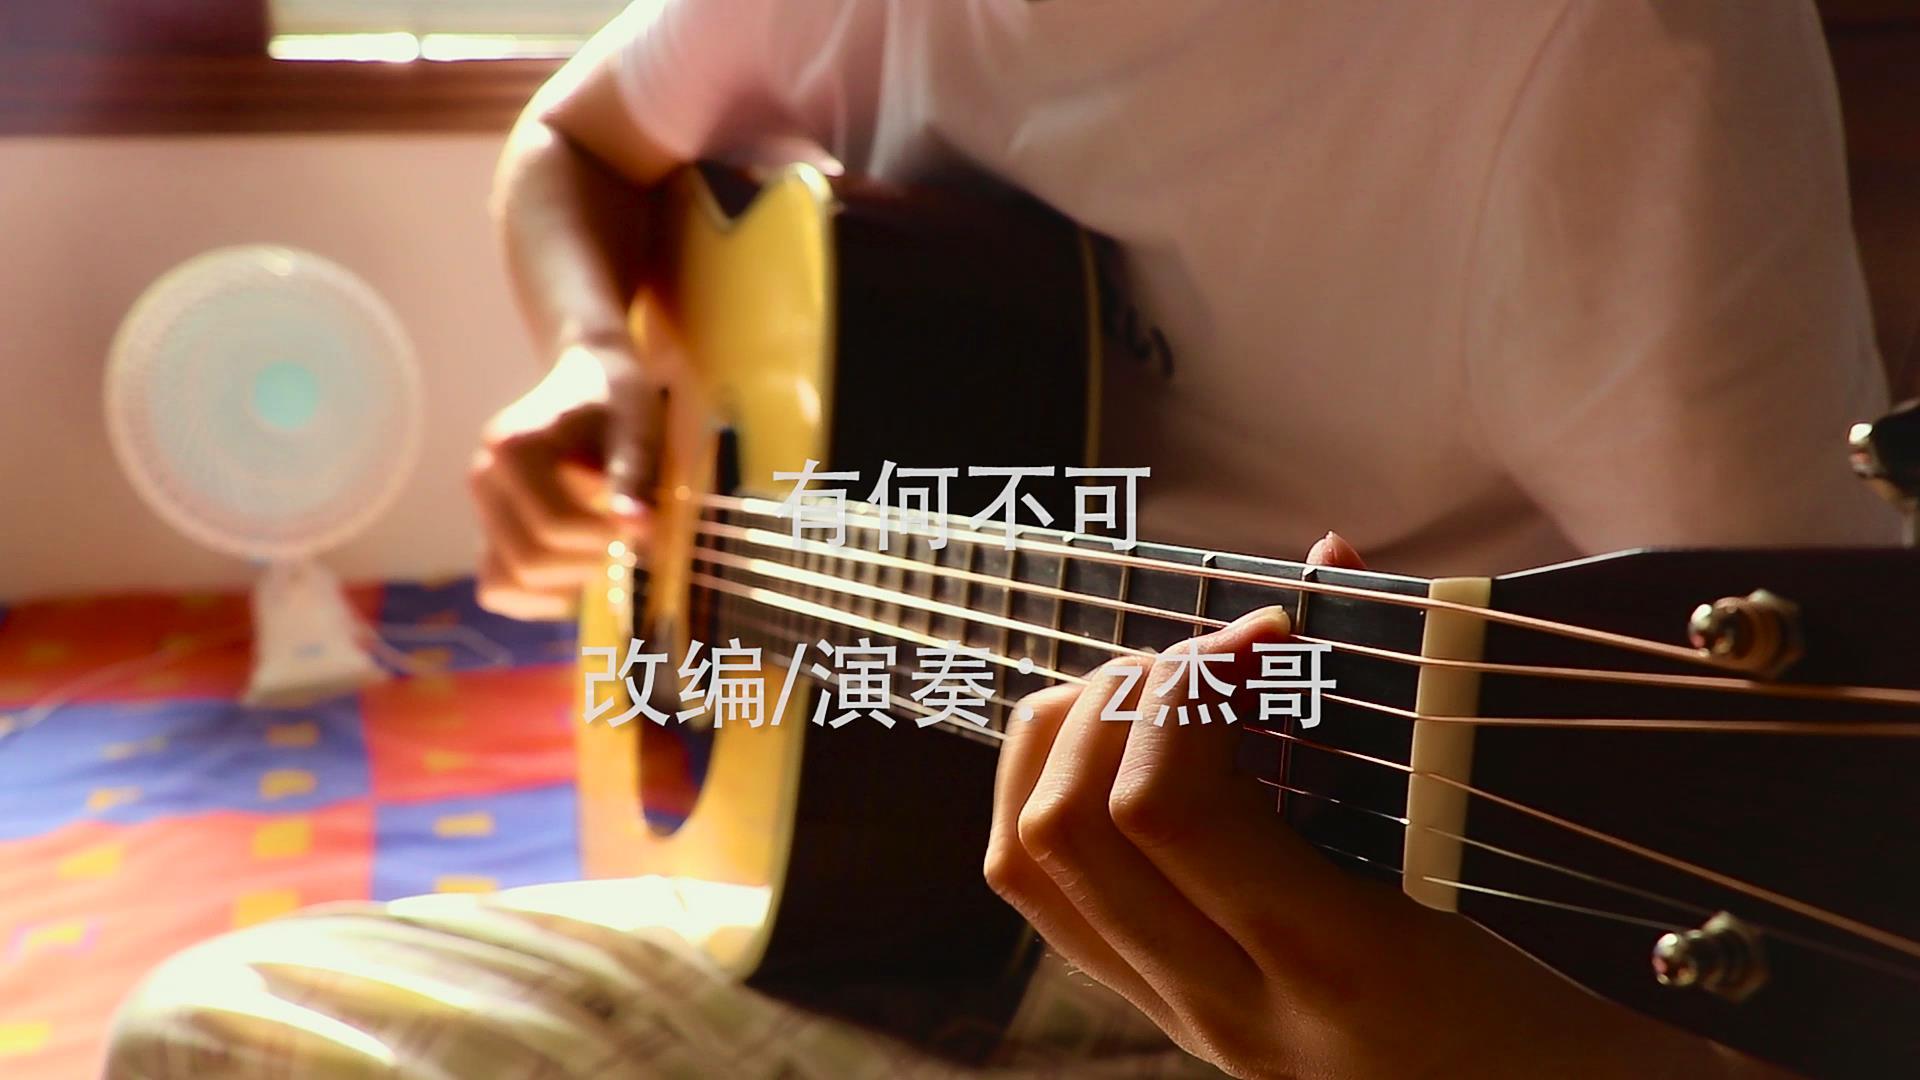 【指弹吉他】用一把吉他完美还原许嵩有何不可